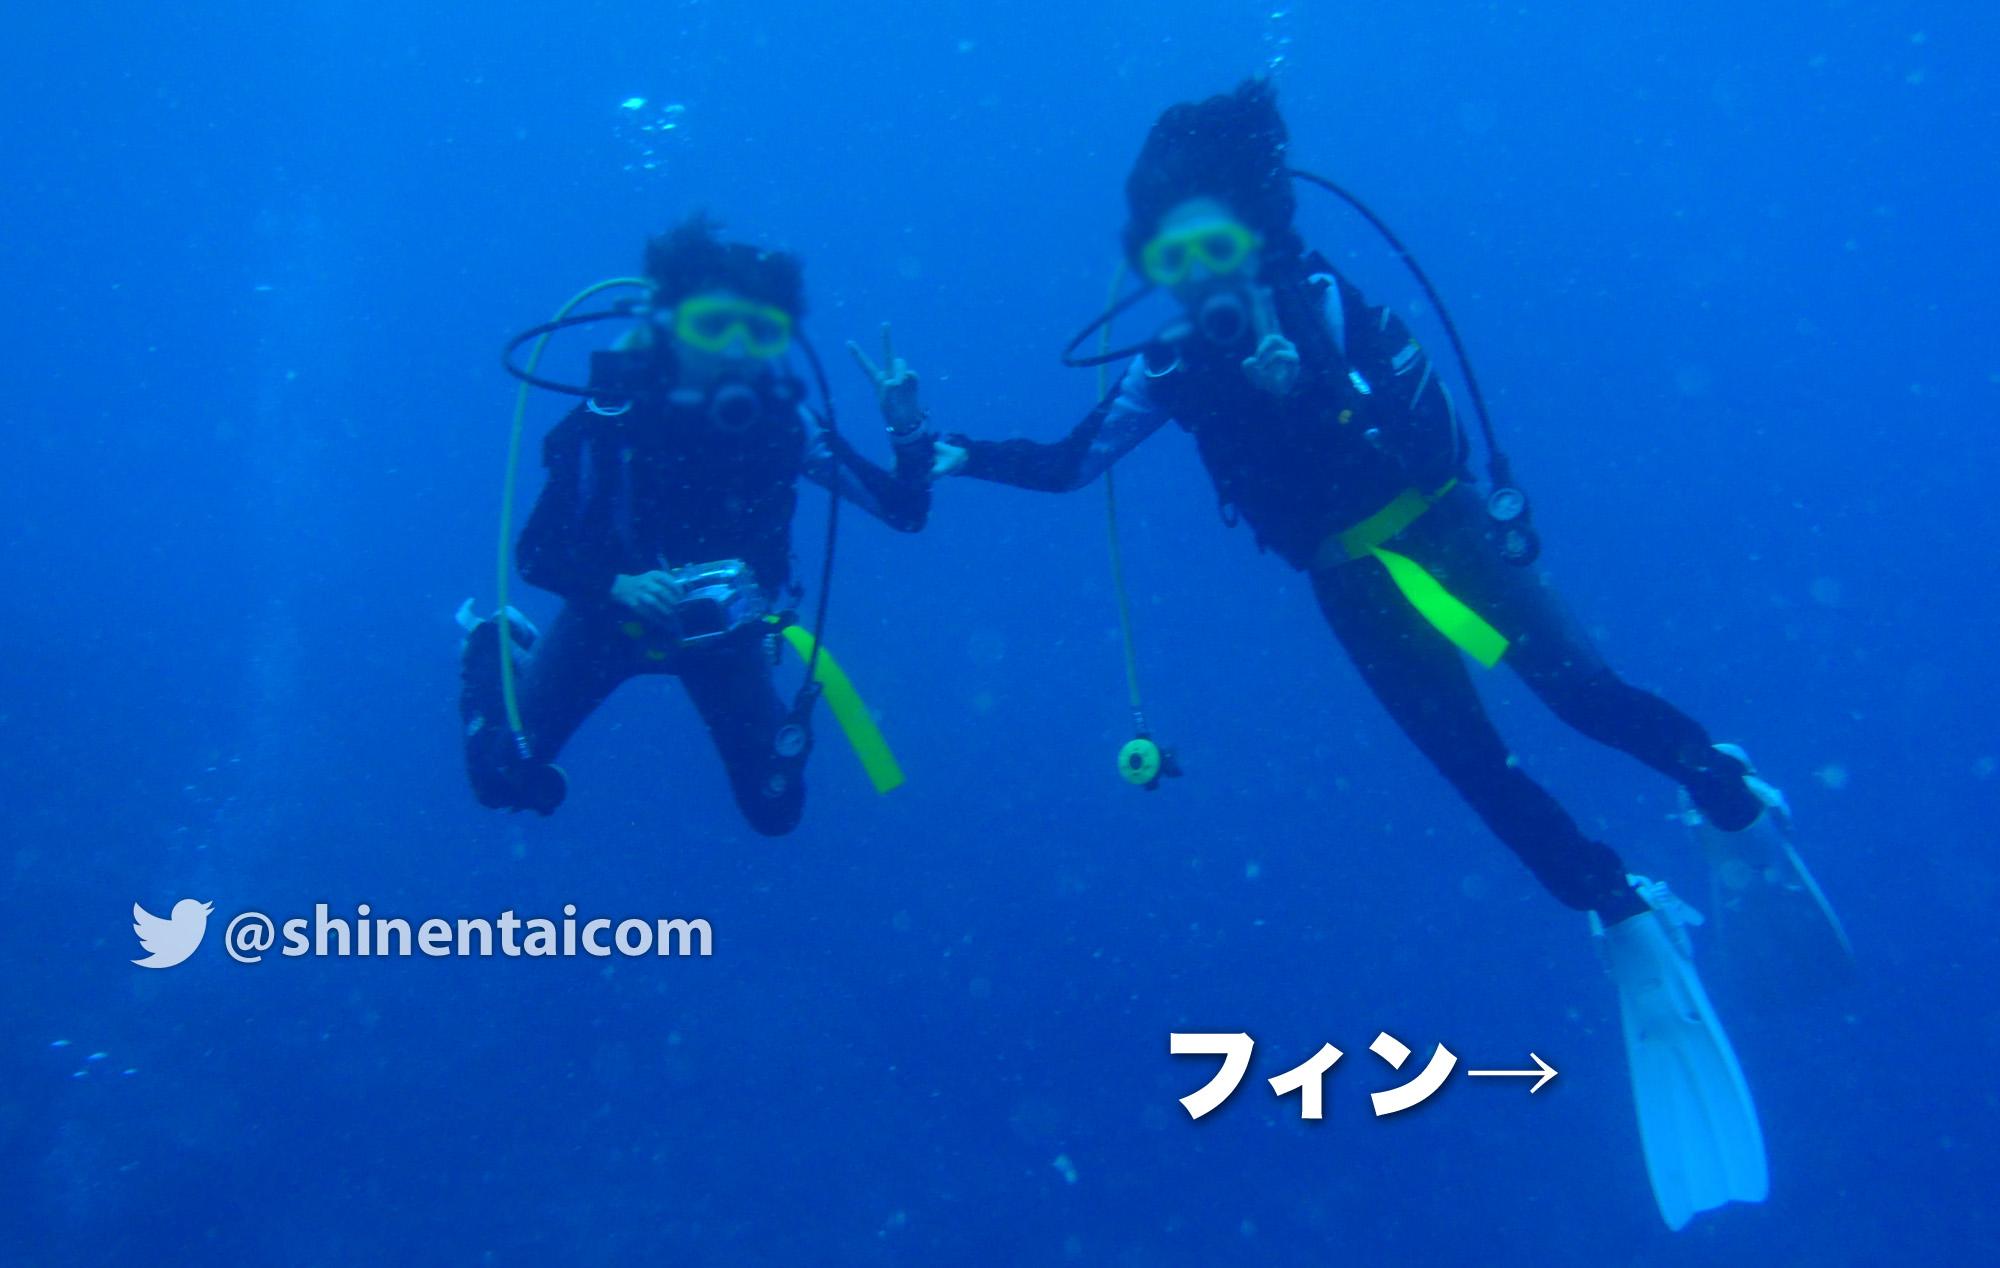 マンガレビュー:海遊びマンガ『海色マーチ』たまらなく沖縄の海に行きたくなるマンガ